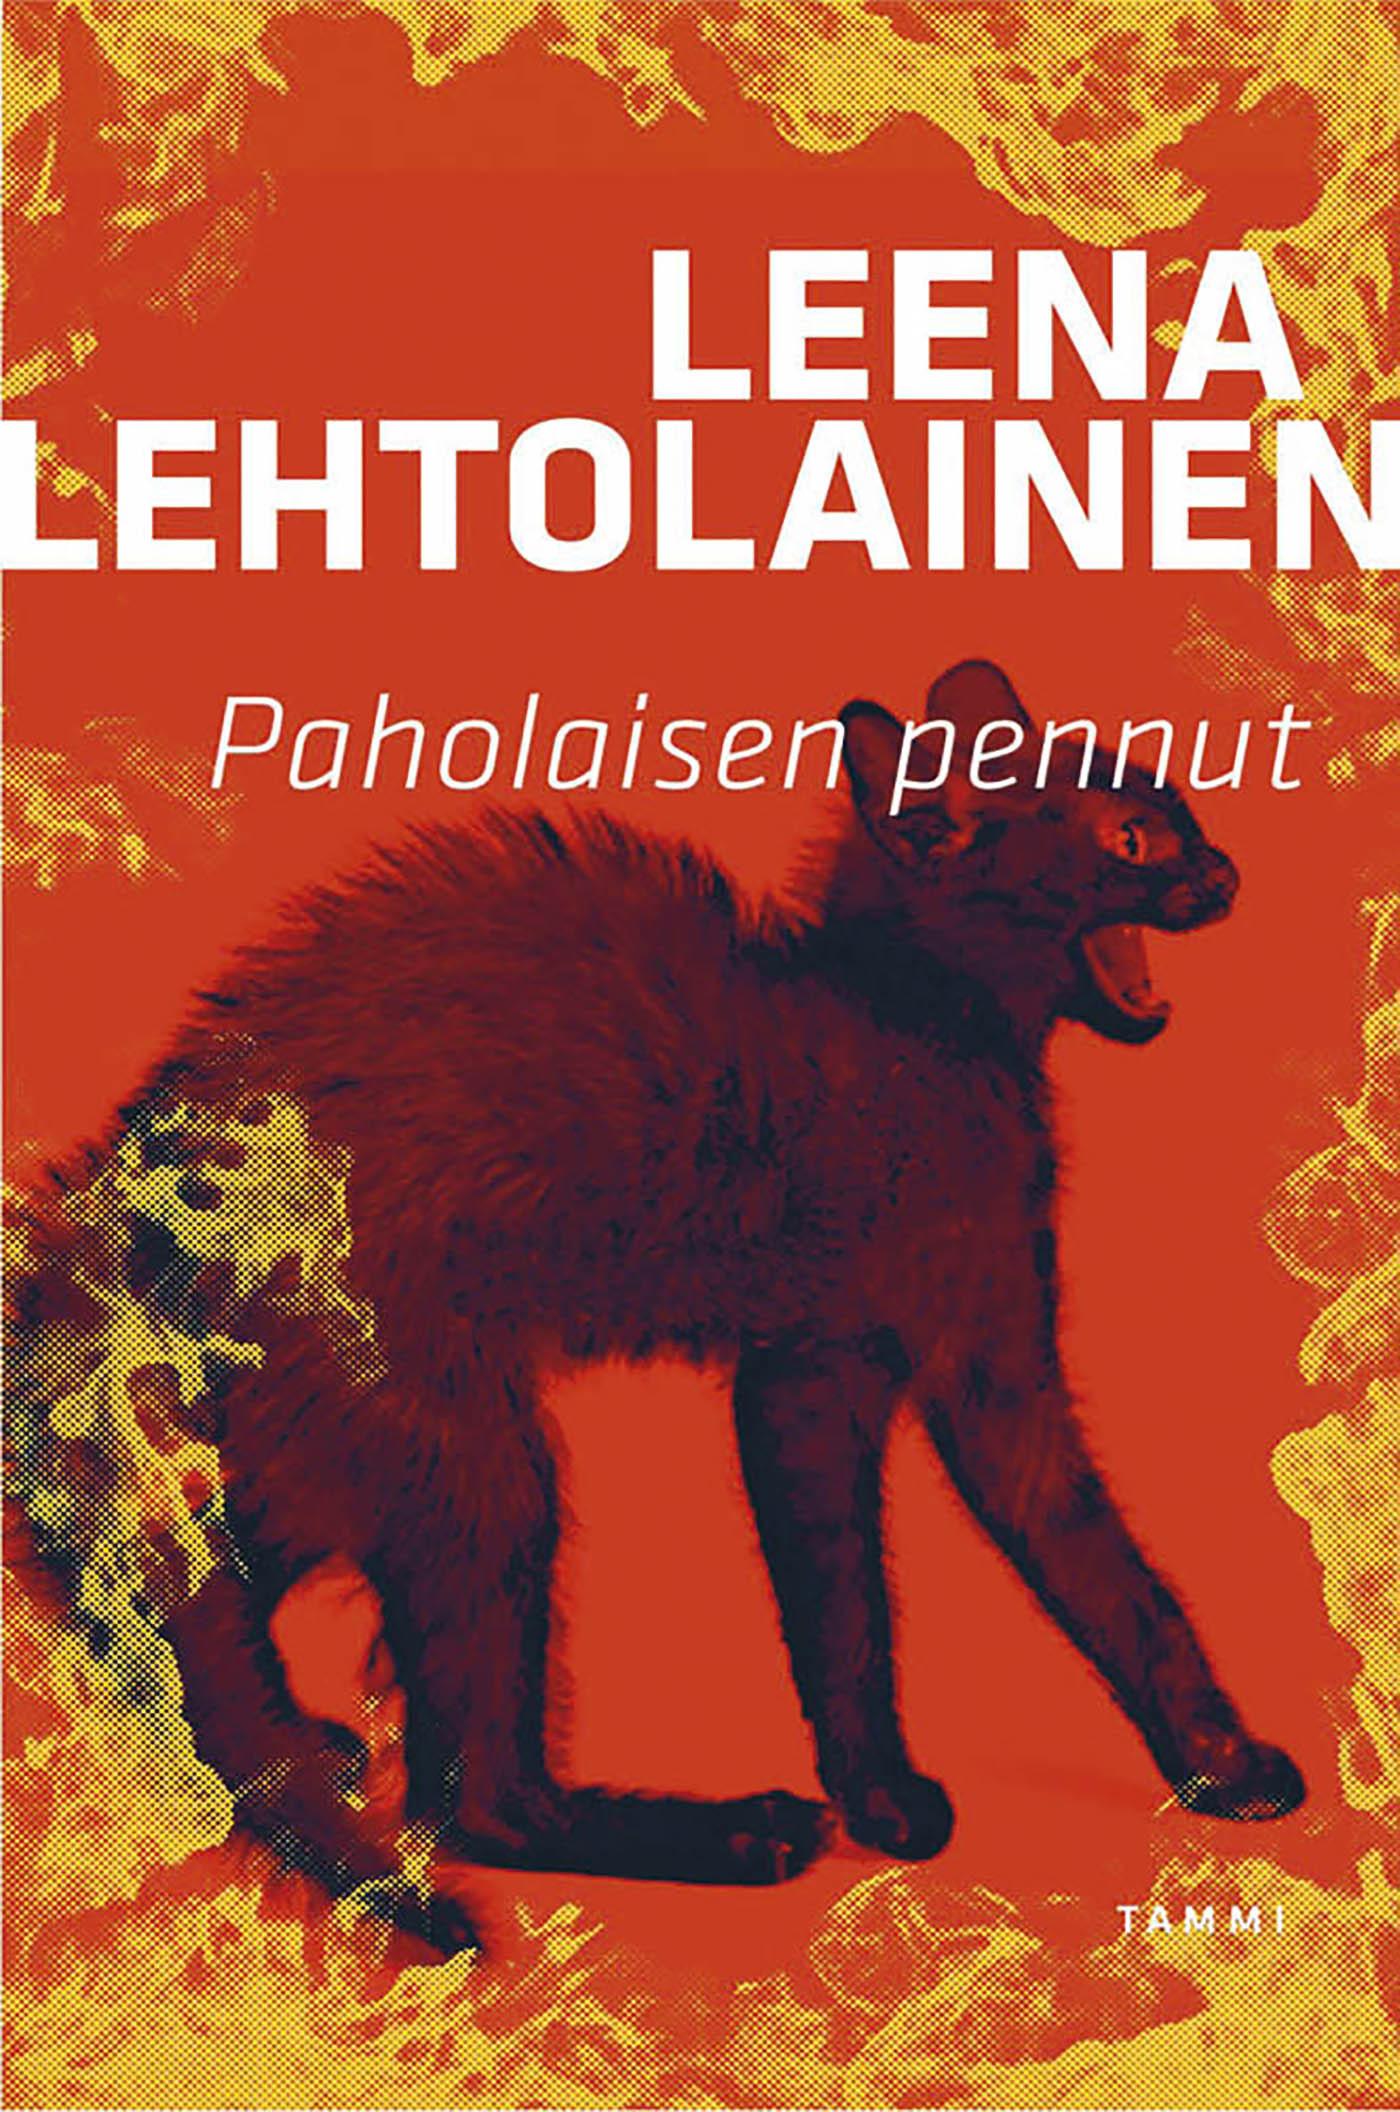 Lehtolainen, Leena - Paholaisen pennut: Hilja Ilveskero 3, ebook